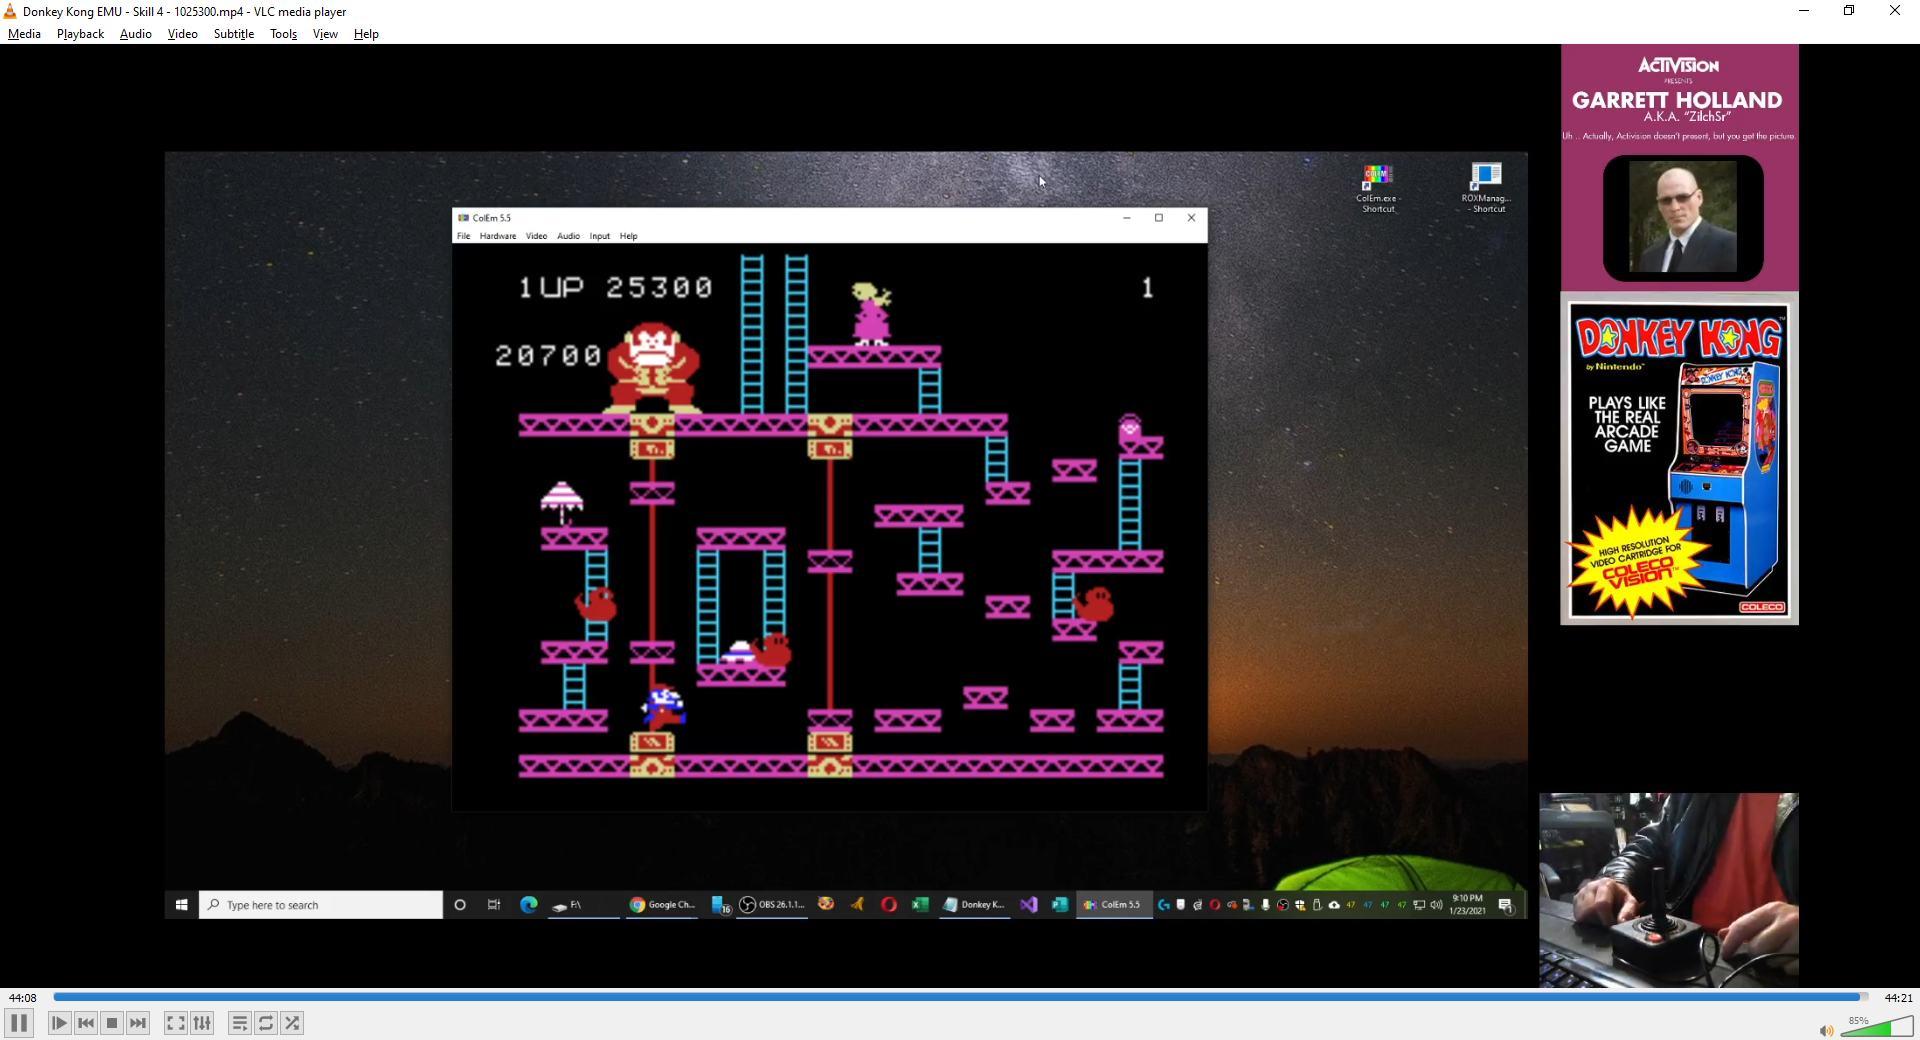 ZilchSr: Donkey Kong: Skill 4 (Colecovision Emulated) 1,025,300 points on 2021-02-13 17:50:16